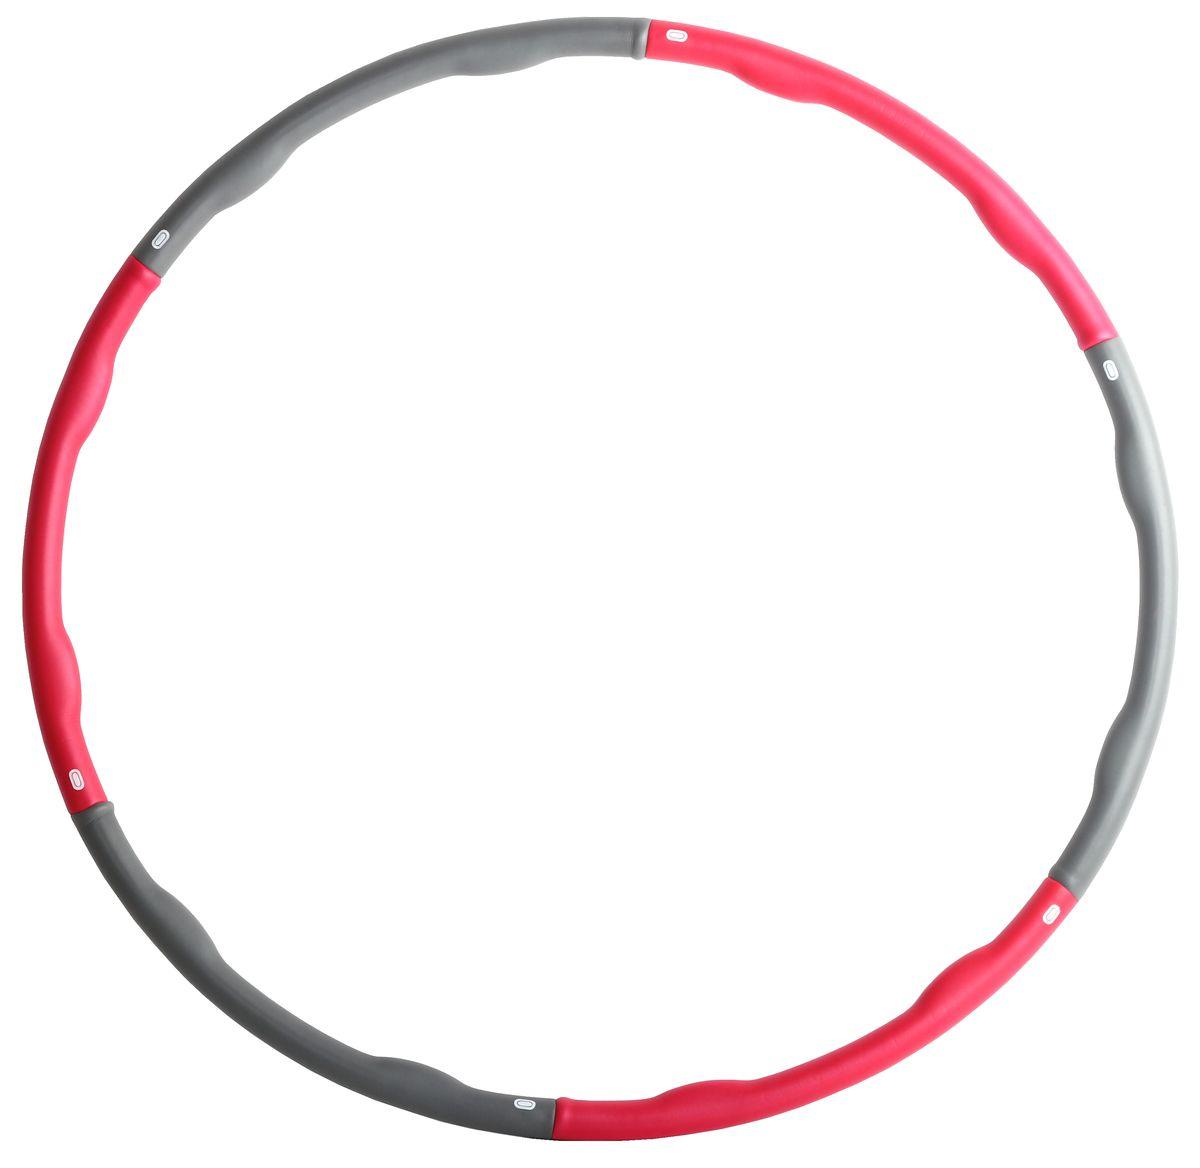 Обруч массажный Alonsa HP-81301, цвет: серый, фуксияHP-81301Обруч массажный Alonsa HP-81301, разборный, состоит из 6 секций. Выполнен из полипропилена. Диаметр: 100 см. Вес: 1300 г.Как выбрать кардиотренажер для похудения. Статья OZON Гид